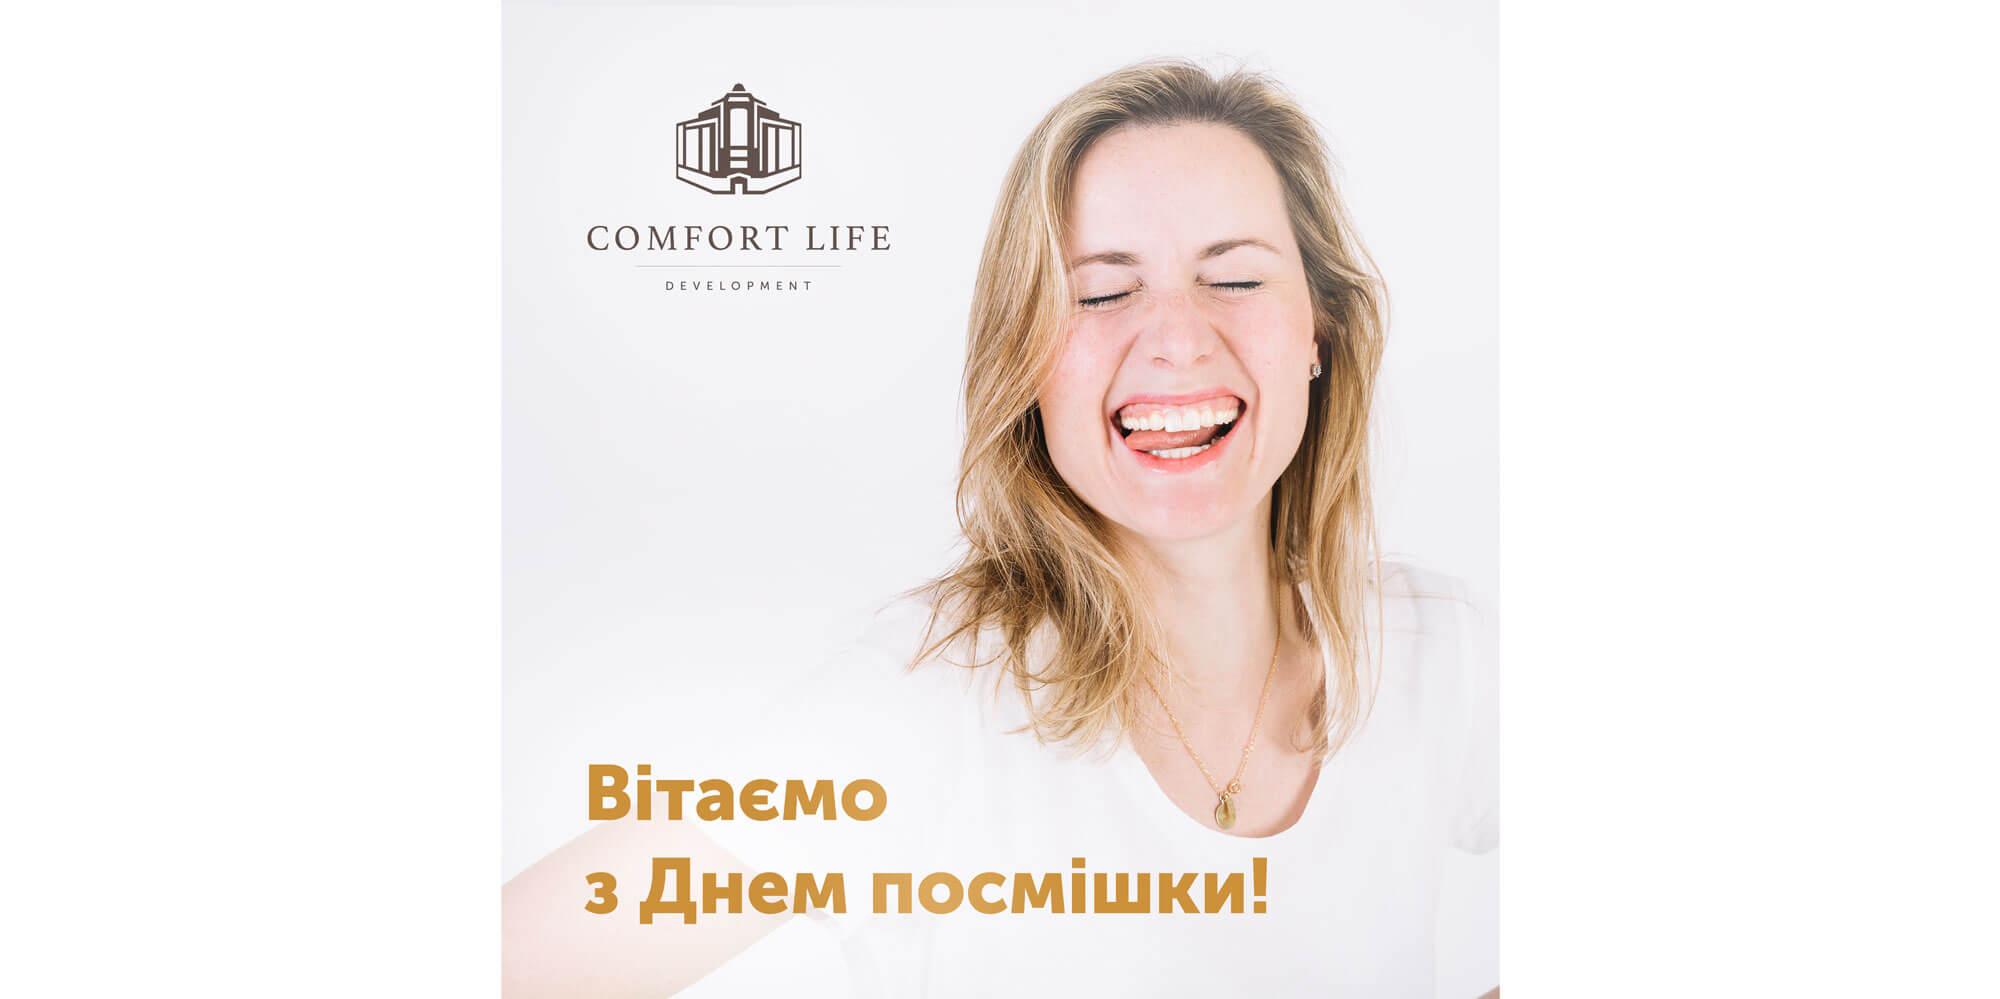 Comfort Life Development вітає з Всесвітнім Днем посмішки!